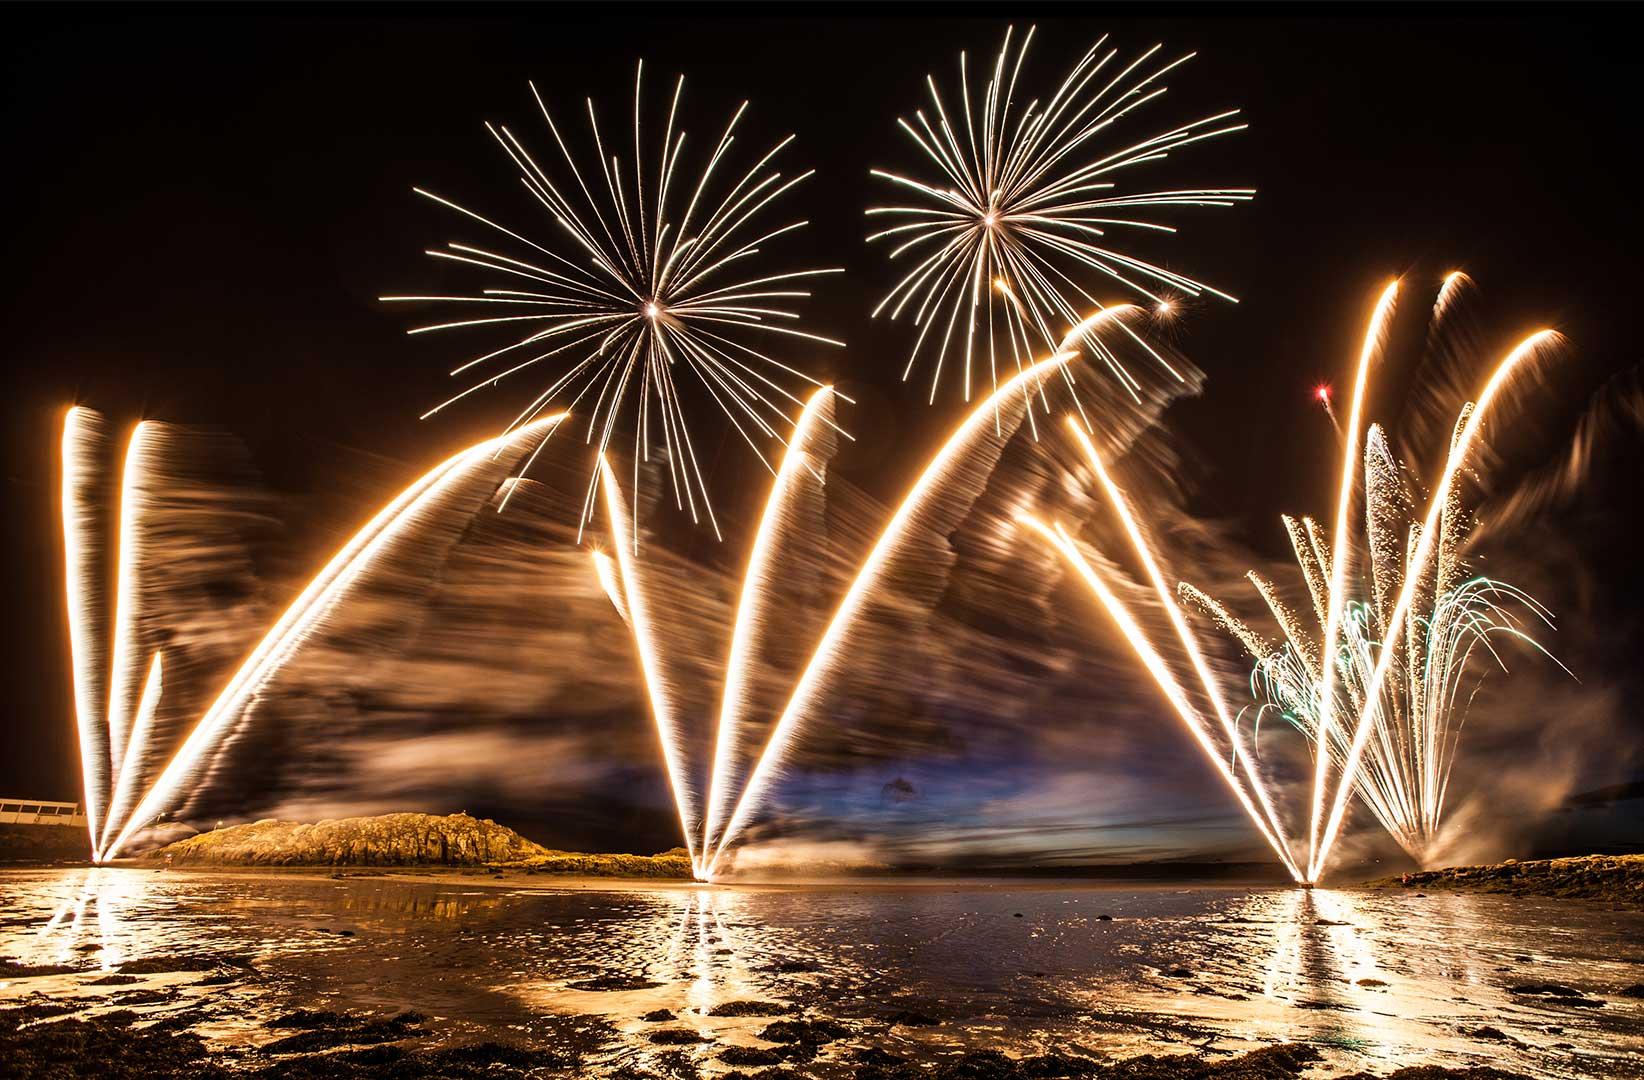 آتش بازی - مهمانی - سال نو - قایق - بر روی آب - سال نو